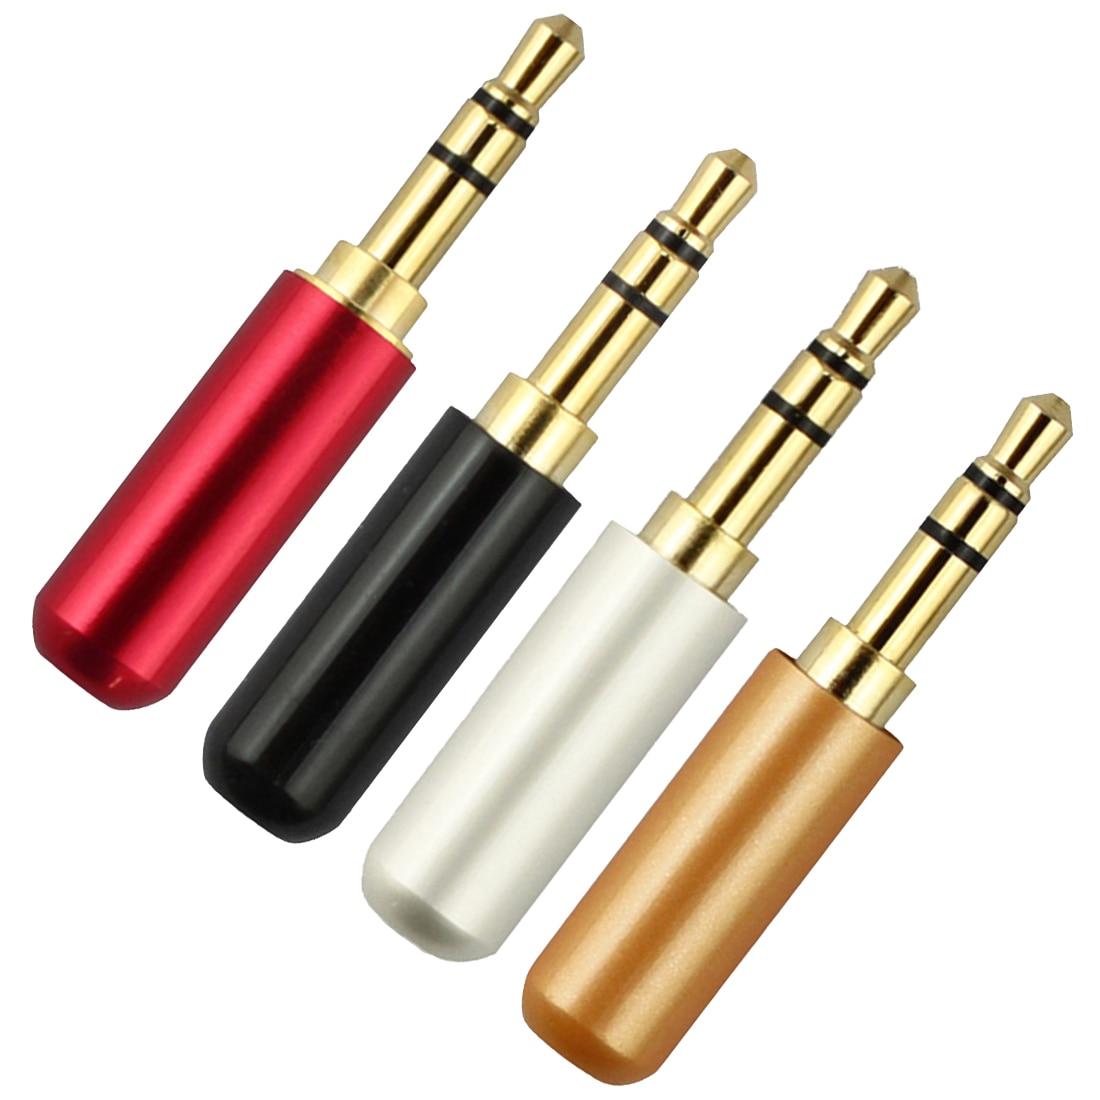 mini stereo jack plug 3 poles male plug aluminum. Black Bedroom Furniture Sets. Home Design Ideas